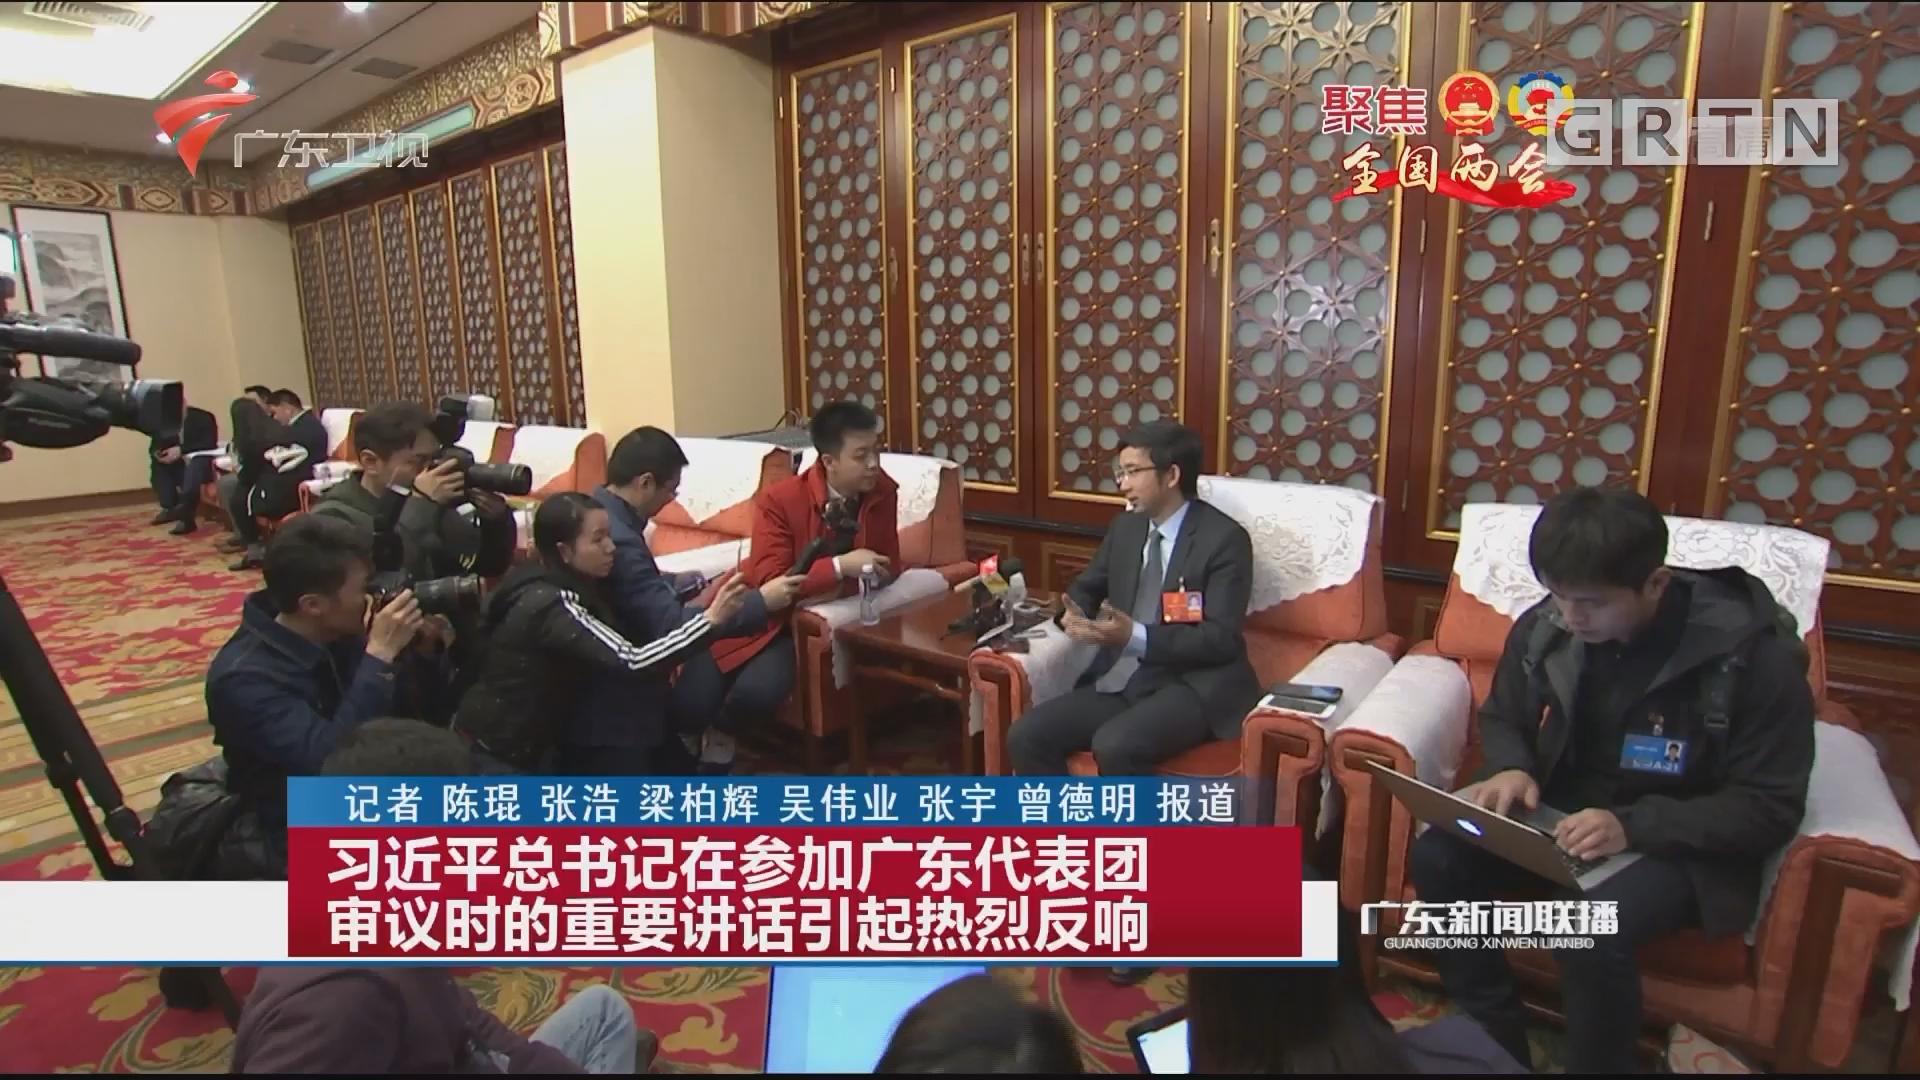 习近平总书记在参加广东代表团审议时的重要讲话引起强烈反响